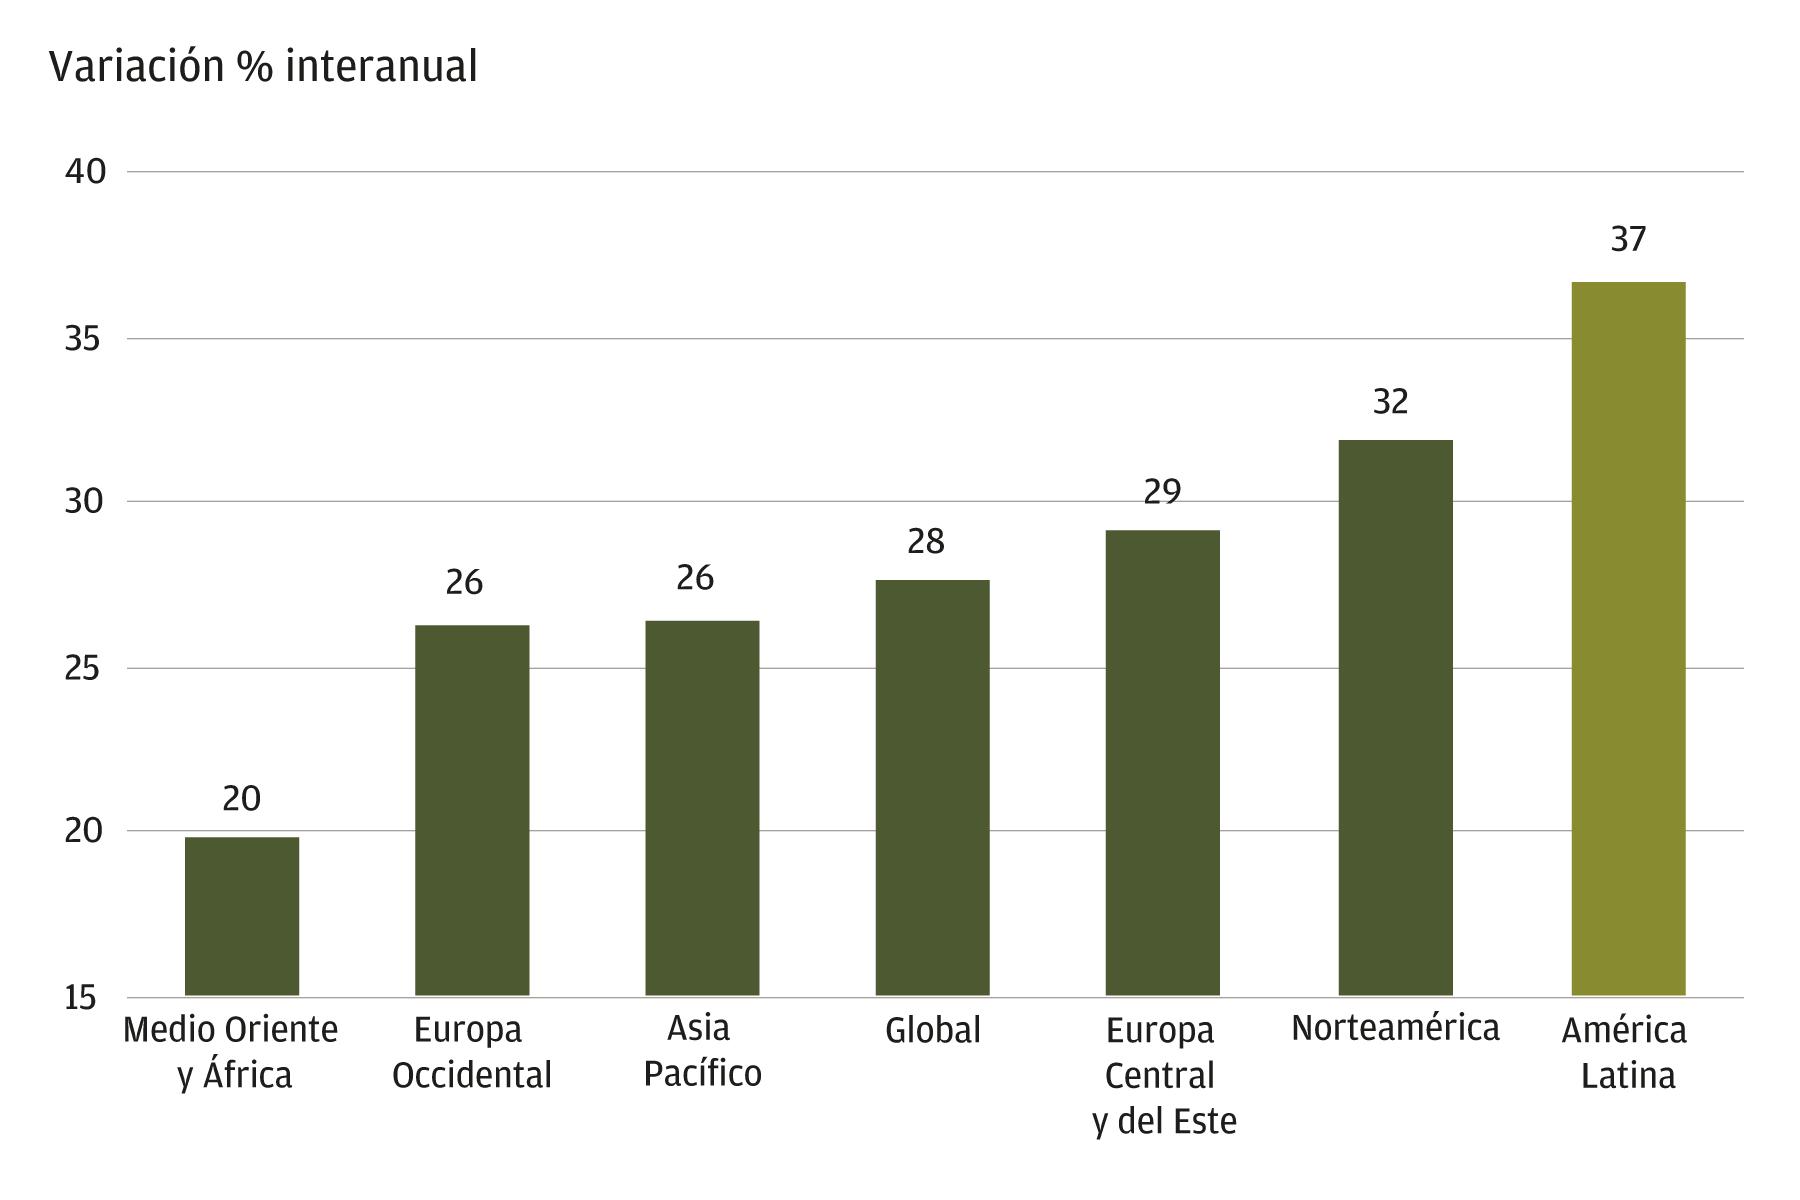 Este gráfico muestra la variación porcentual interanual de las ventas de comercio electrónico en 2020 por regiones en Medio Oriente y África, Europa Occidental, Asia Pacífico, Global, Europa Central y Oriental, Norteamérica y América Latina. América Latina es la que más crece, con un 37%, seguida de Norteamérica con un 32%. Europa Central y del Este, Global y Asia Pacífico tienen tasas de crecimiento moderadas en comparación con las demás regiones de la lista. Europa Occidental y Medio Oriente y África tienen el menor crecimiento, con un 26% y un 20%, respectivamente.